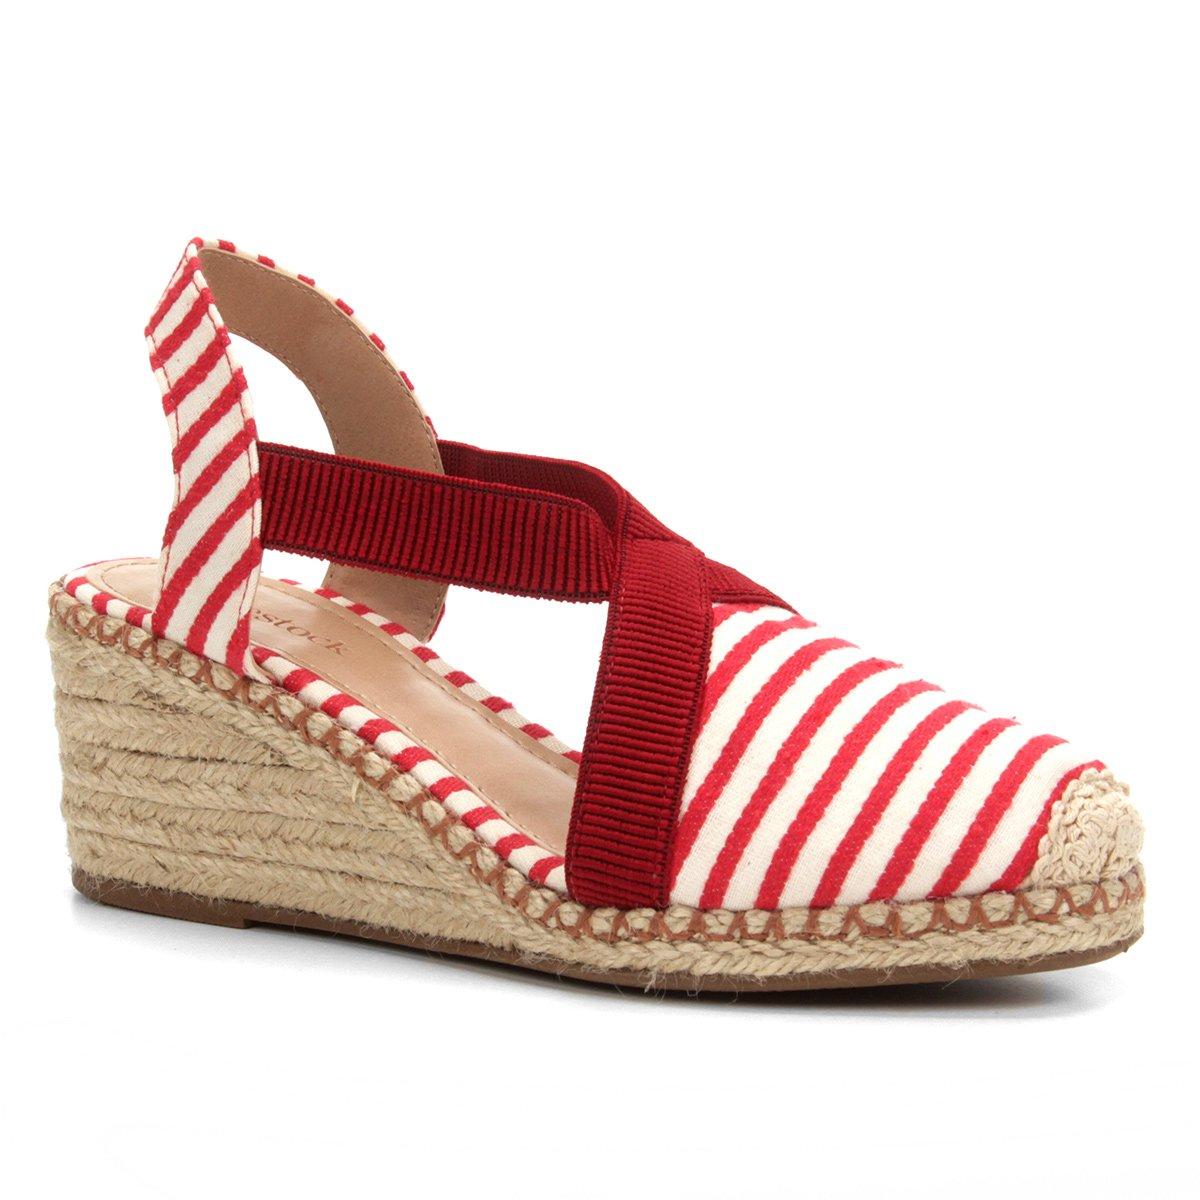 aa6bc9f92 Menor preço em Sandália Anabela Shoestock Elástico Corda Feminina - Vermelho